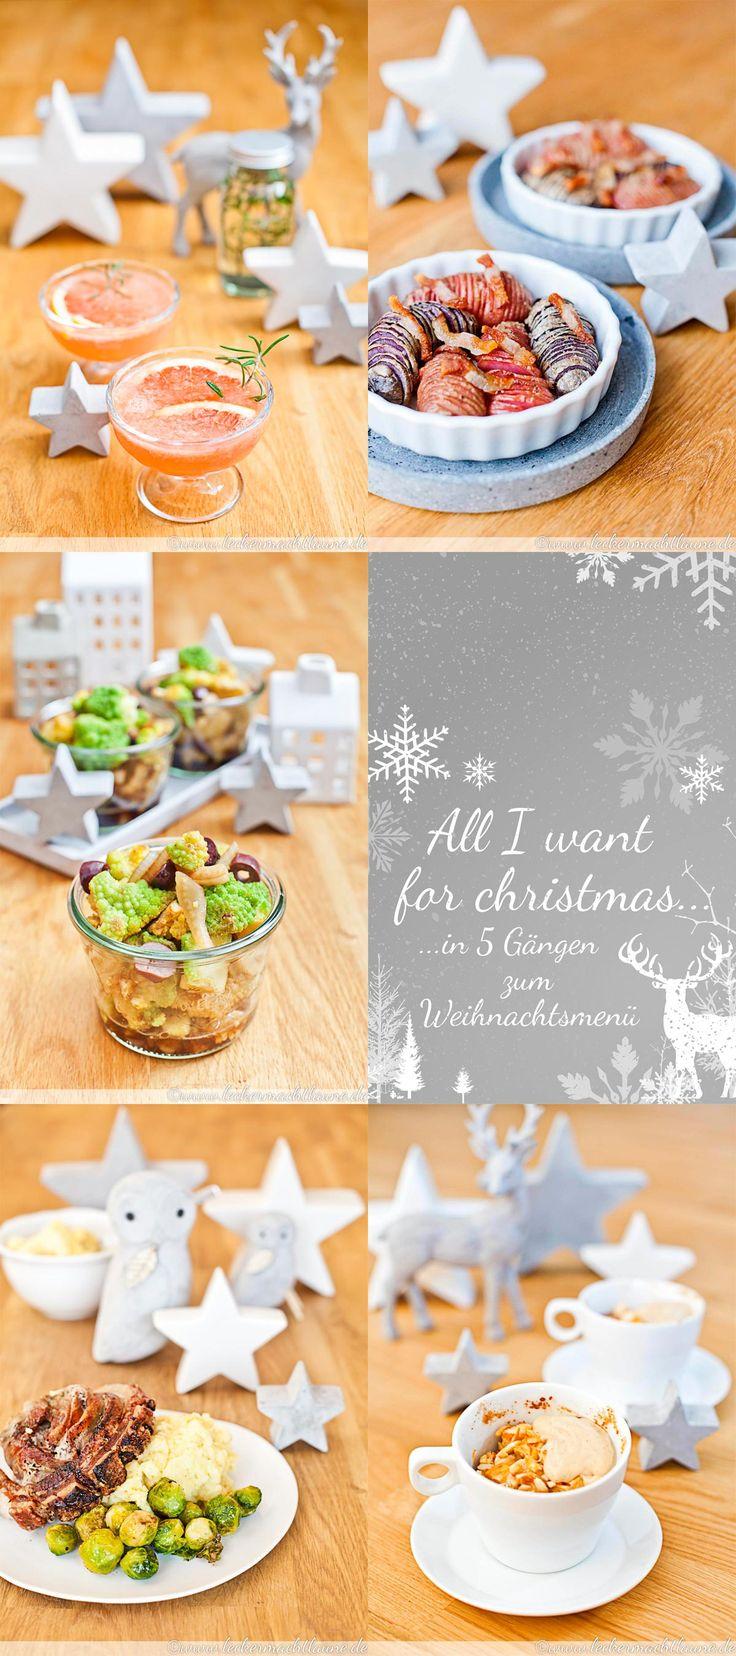 Weihnachtsmenü 2016  – Zusammenfassung